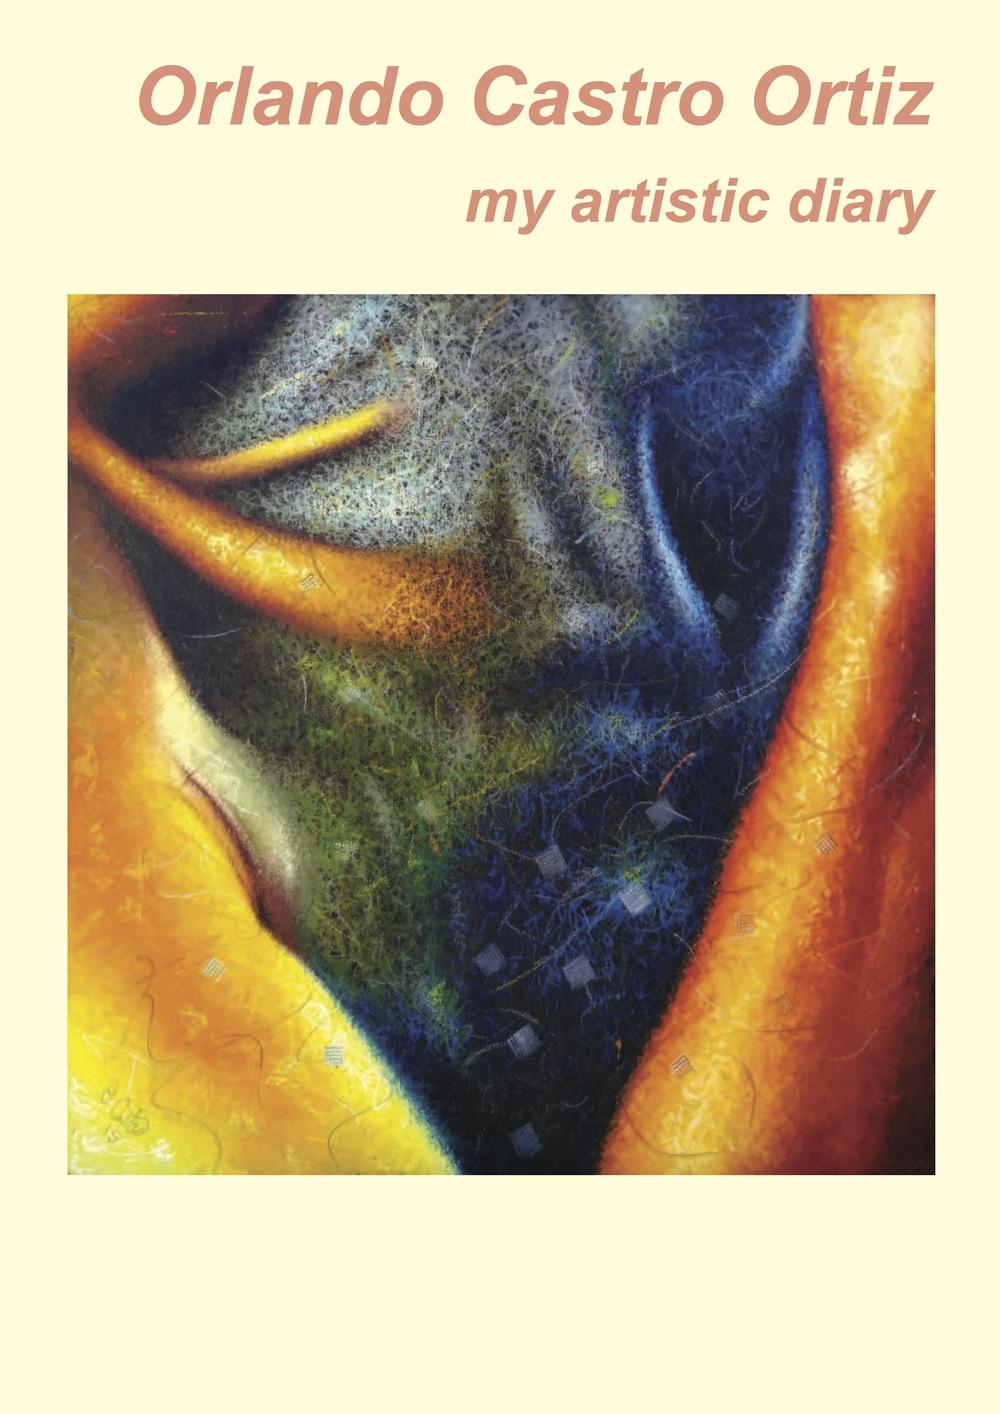 Orlando Castro Ortiz. My artistic diary.